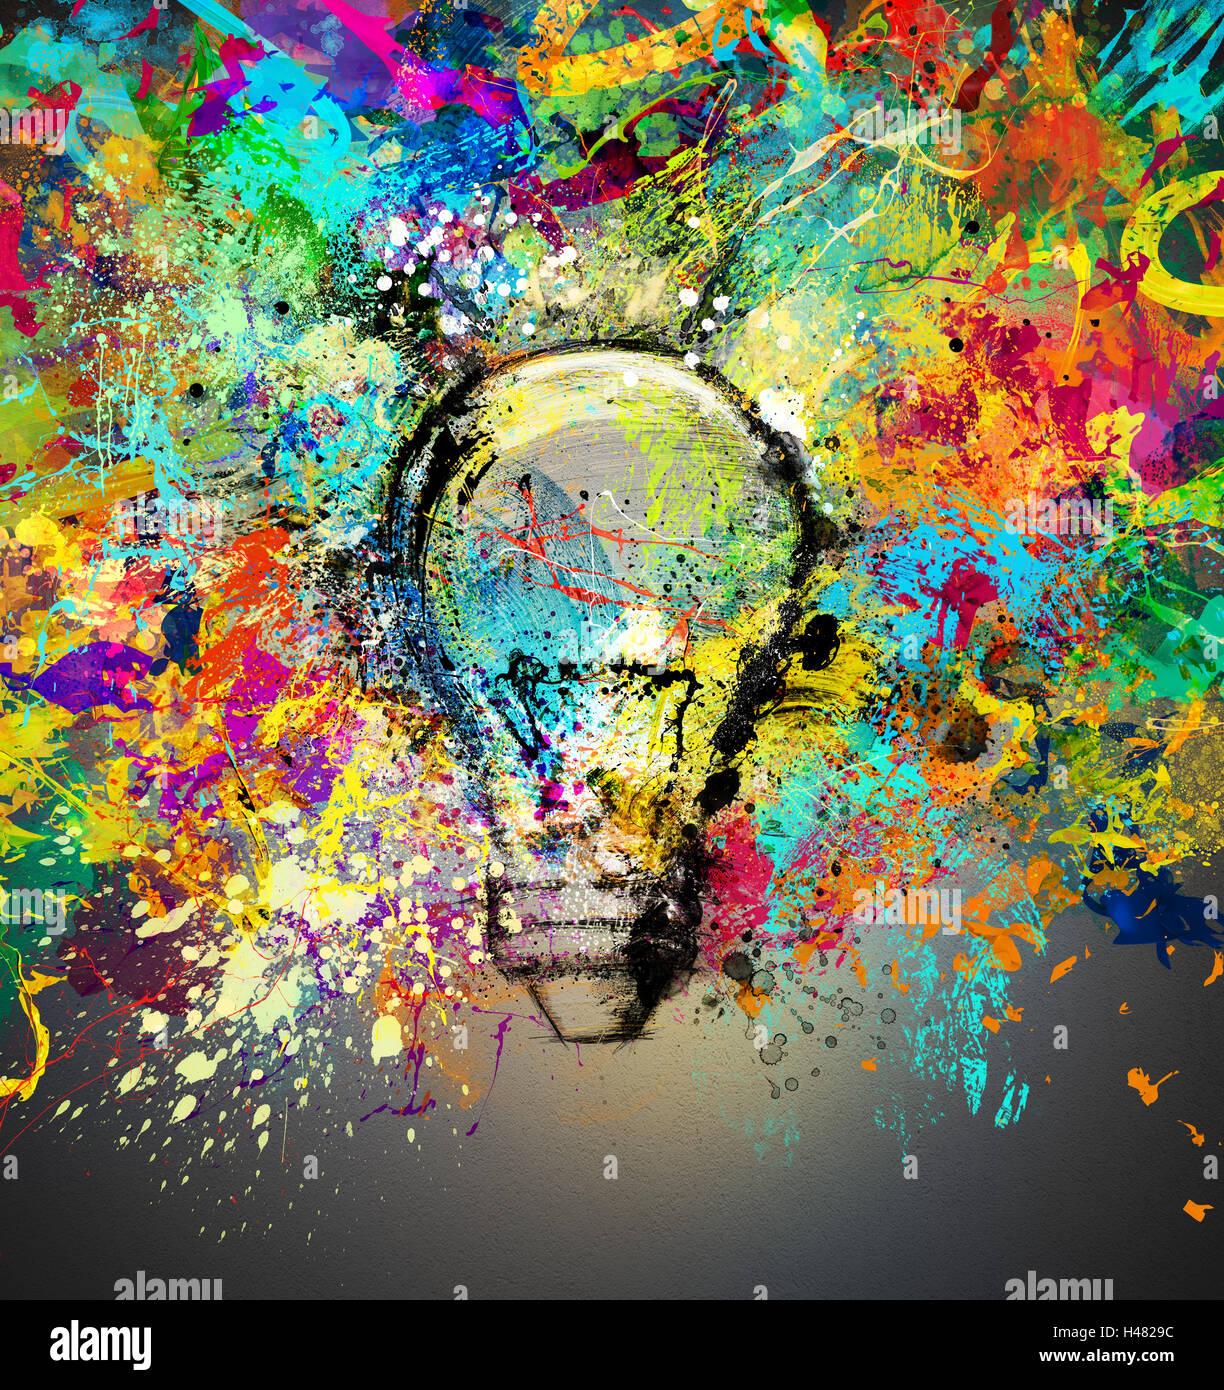 Kreative und bunte Idee Stockbild